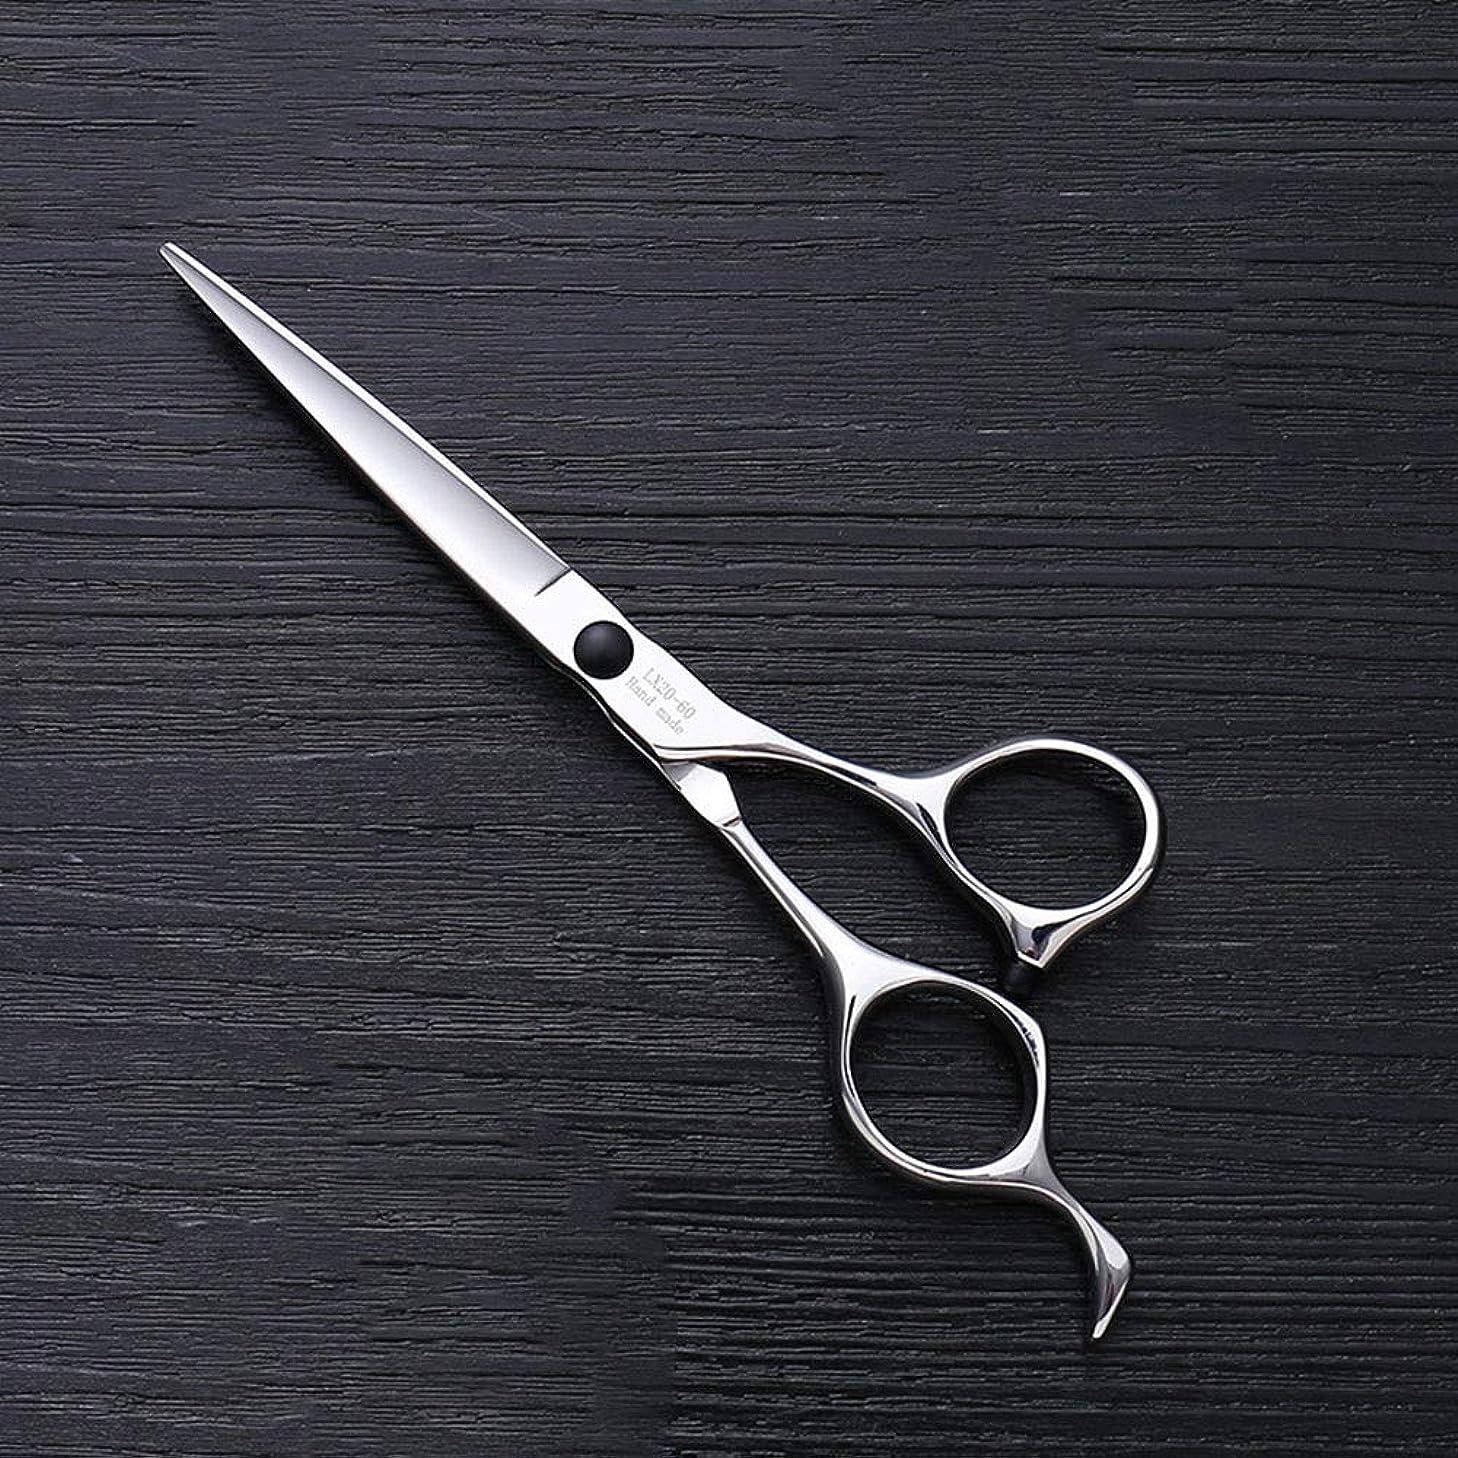 ファイター塗抹エミュレーション6インチヘアスタイリスト特殊ヘアカットツール、ハイエンドステンレススチールバリカン モデリングツール (色 : Silver)